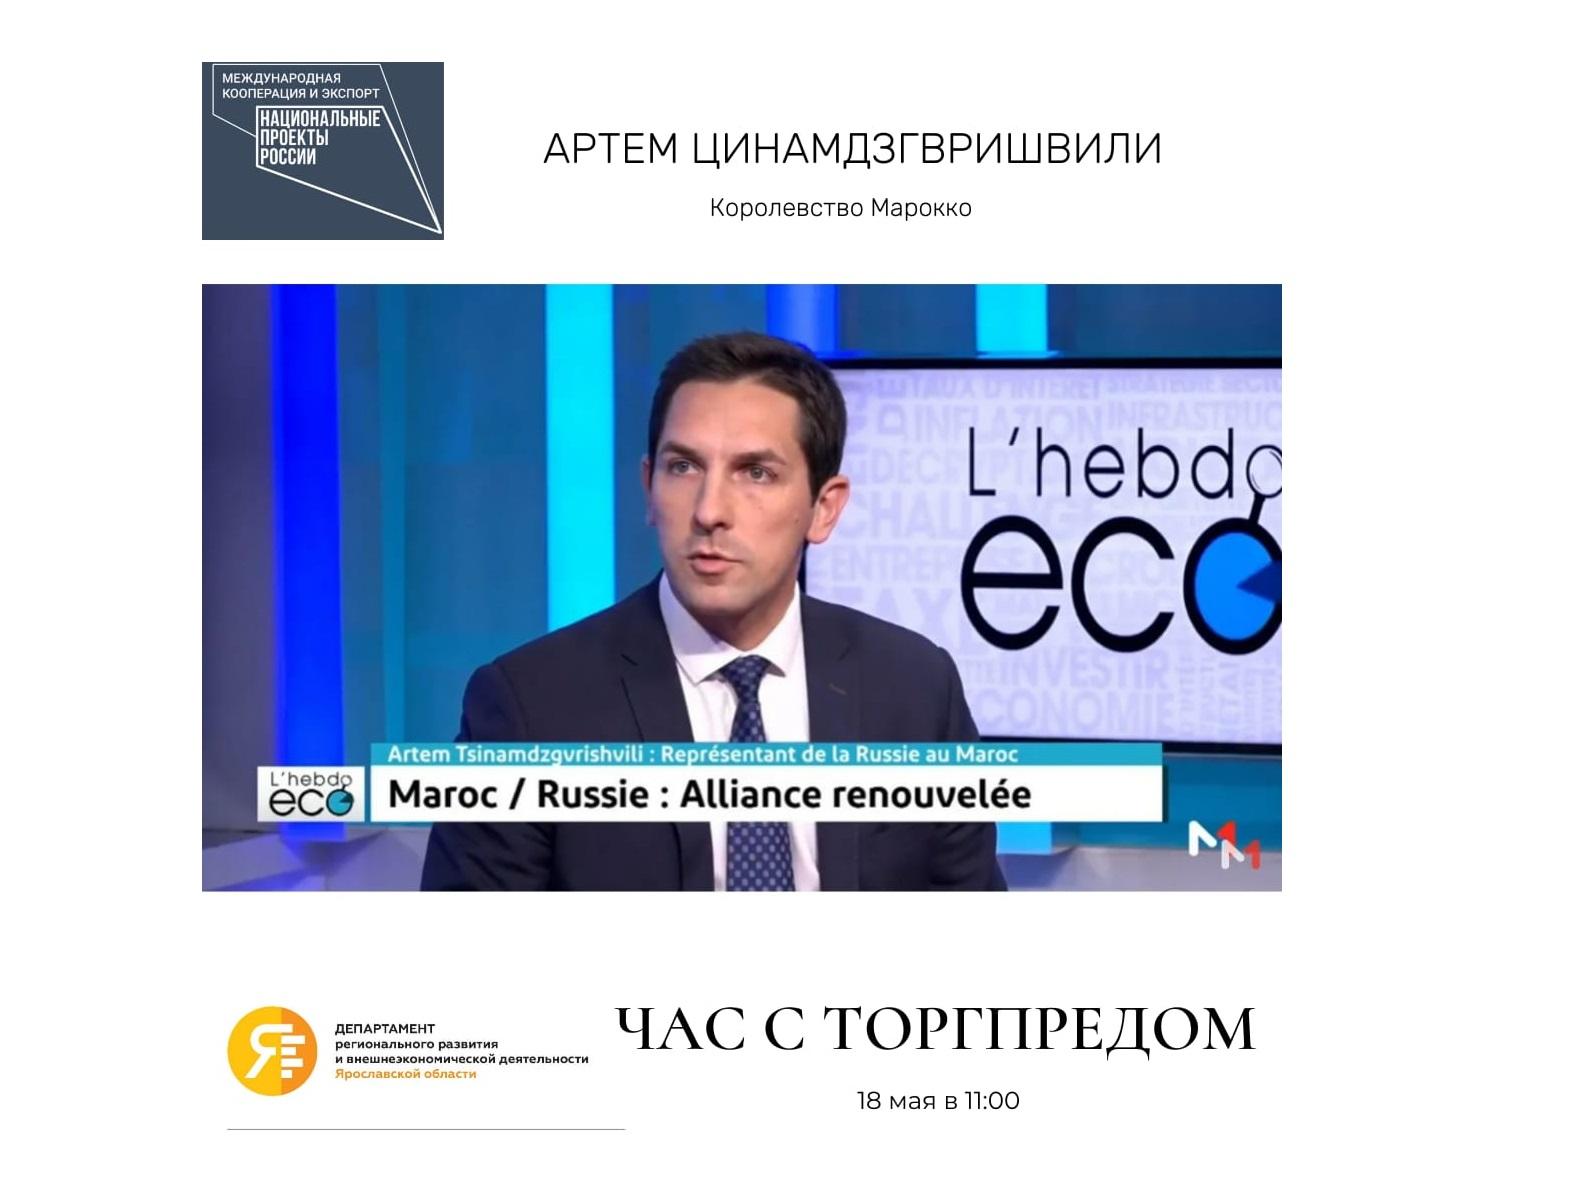 Торгпред РФ в Марокко готов содействовать продвижению ярославских компаний на рынки королевства